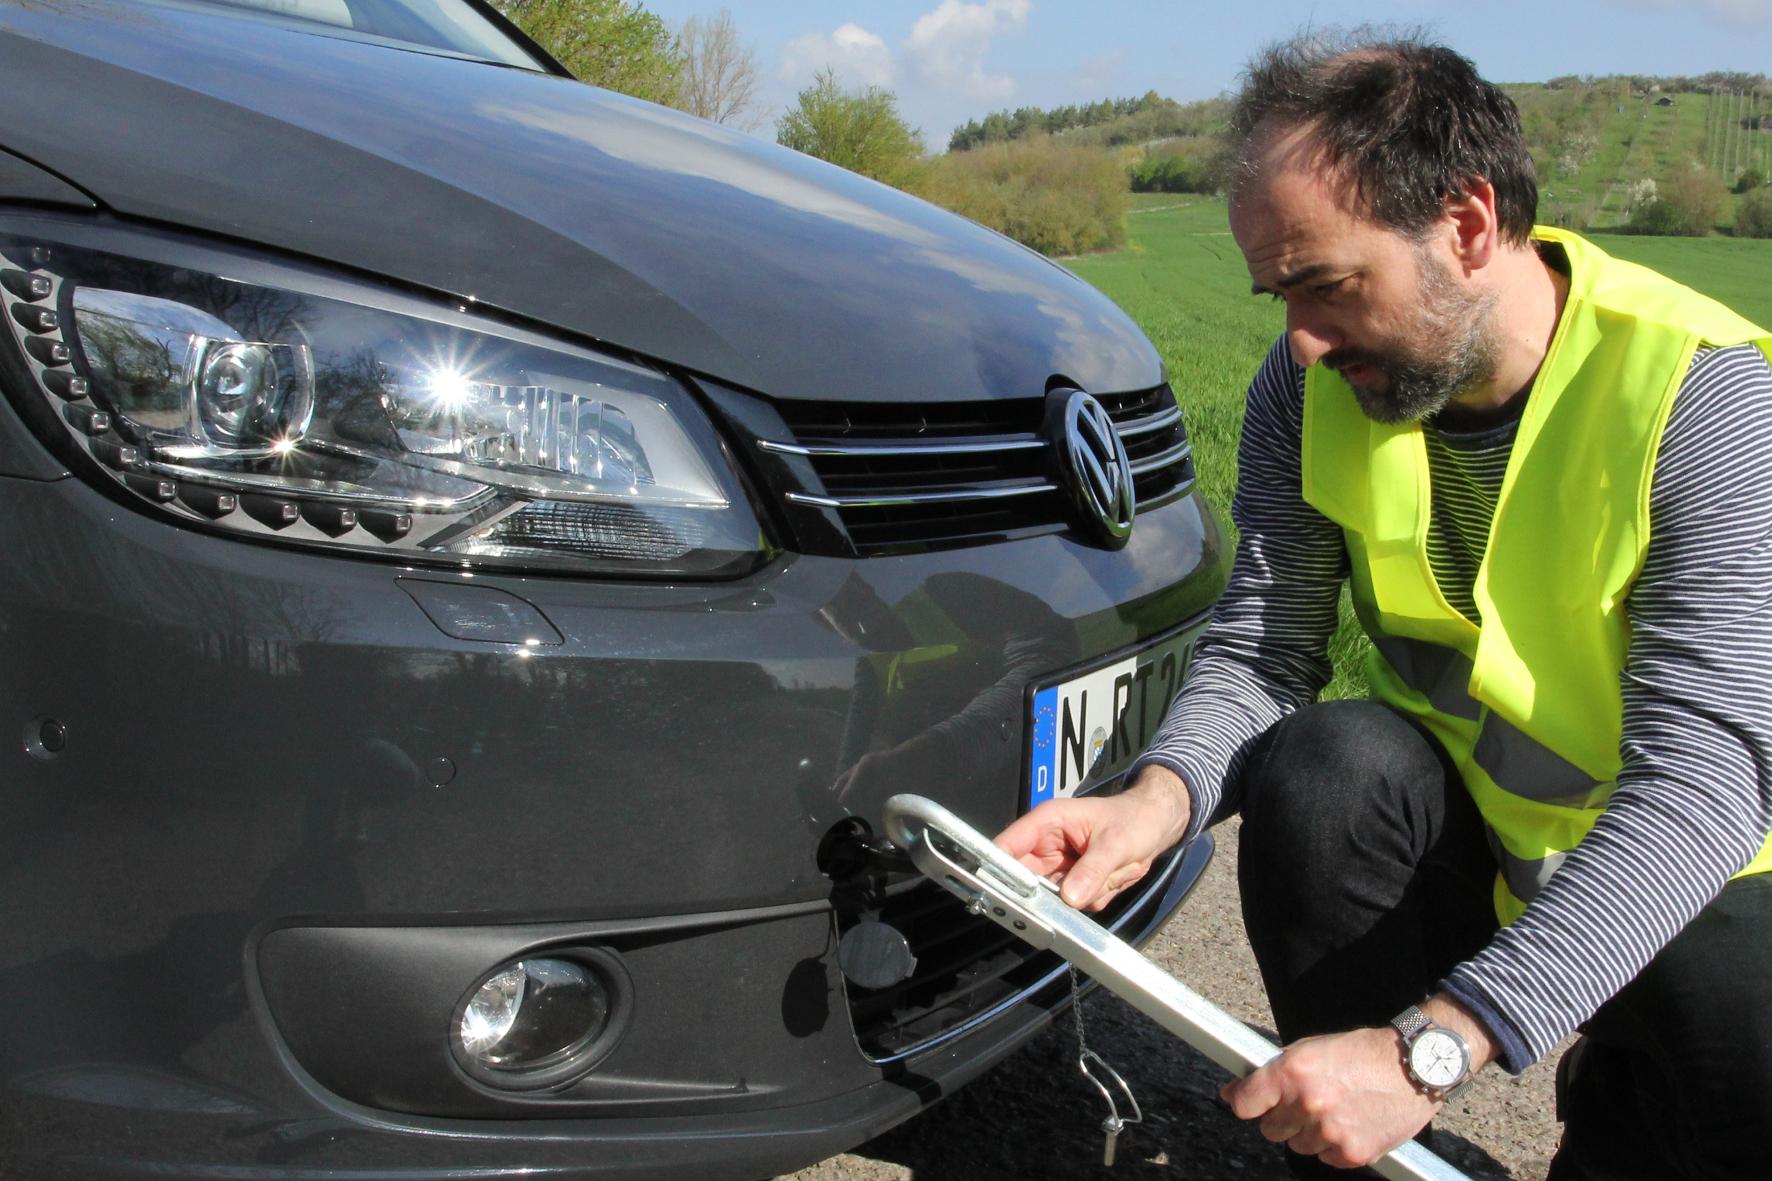 Kfz-Versicherung: Abschlepp-Unfall kann teuer werden